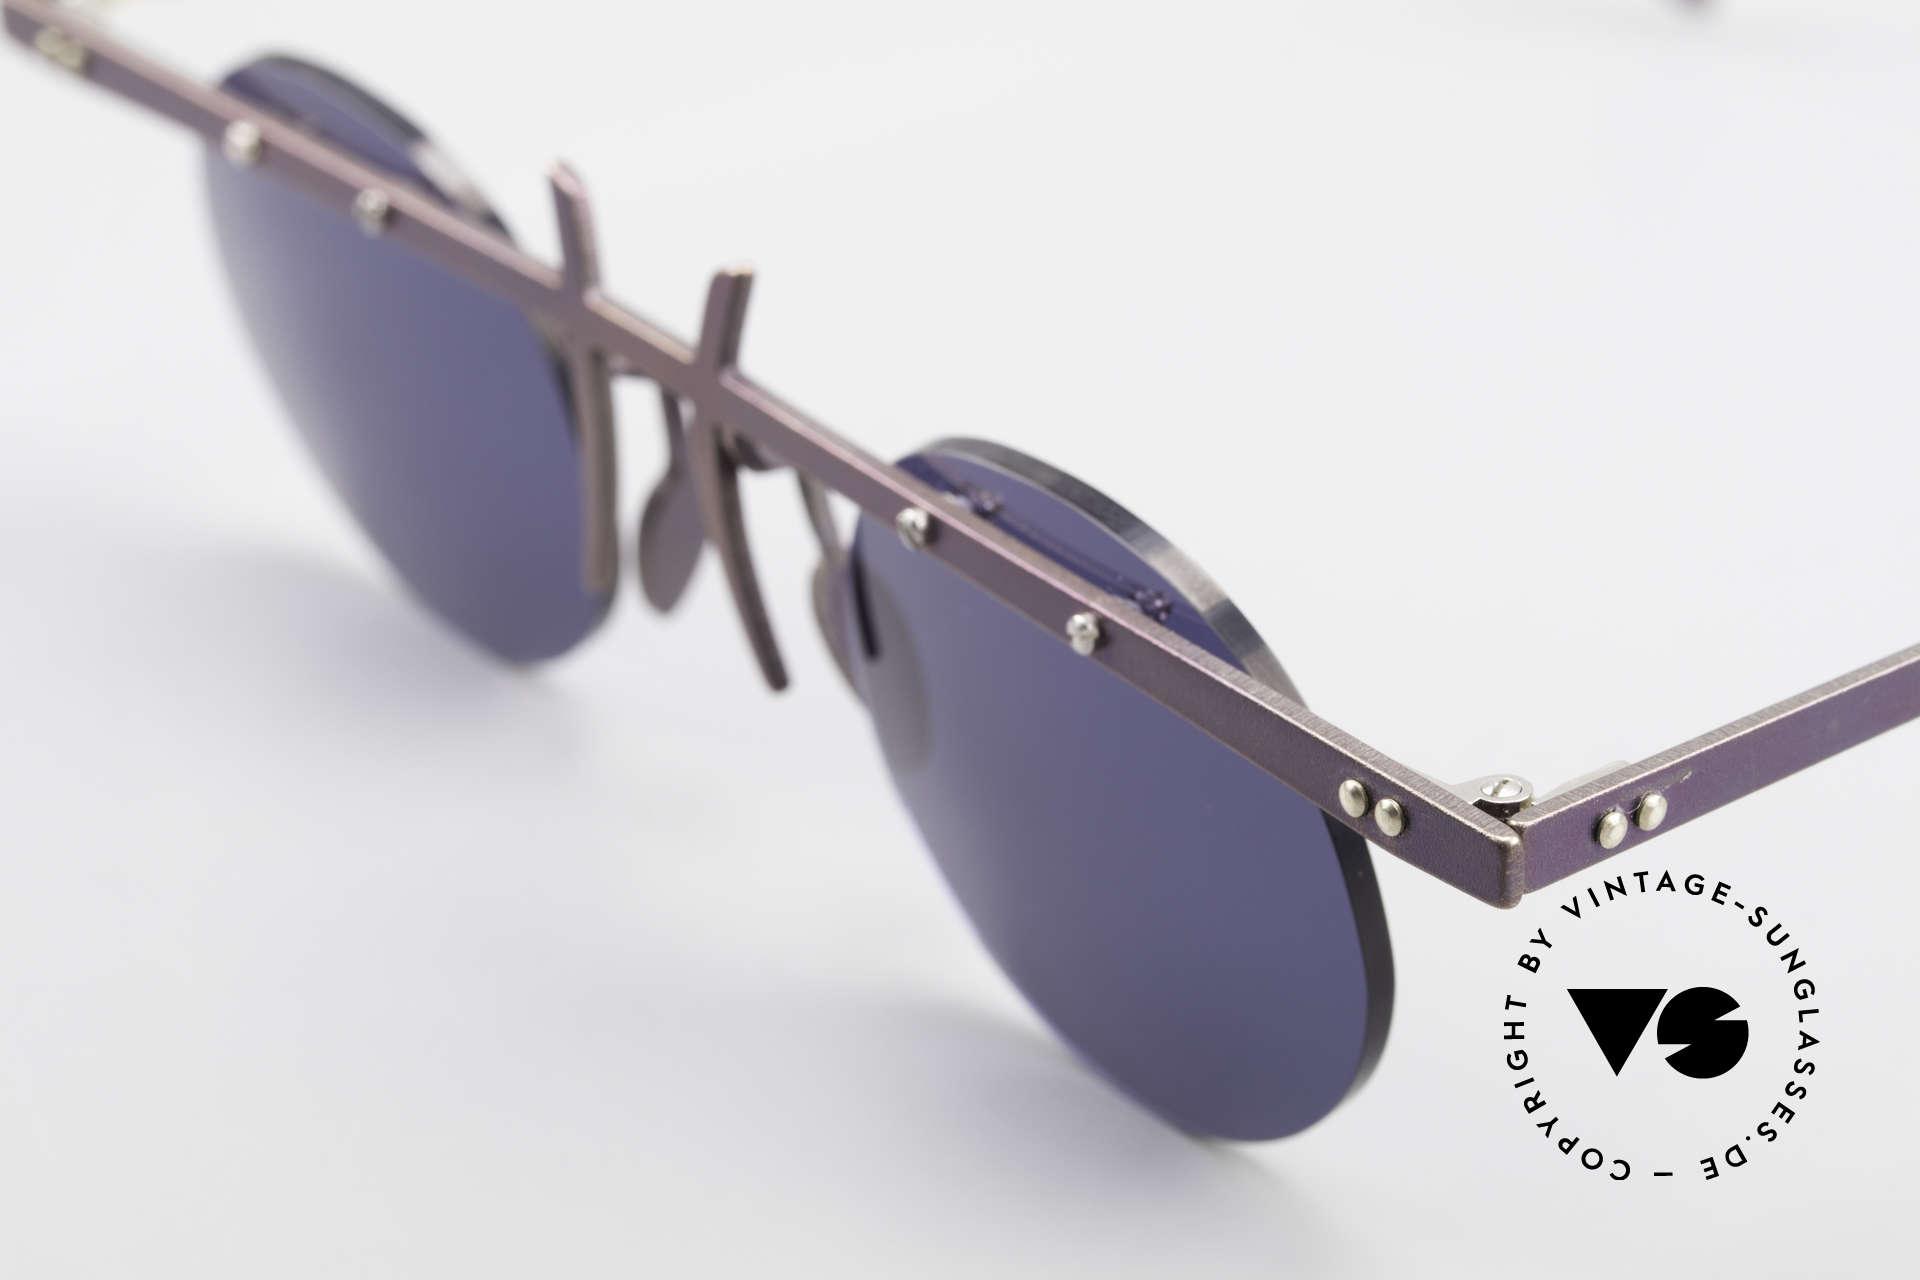 Theo Belgium Tita VI 4 Crazy Sonnenbrille 90er Titan, die Gläser sind mit Schrauben am Titan-Rahmen fixiert, Passend für Herren und Damen